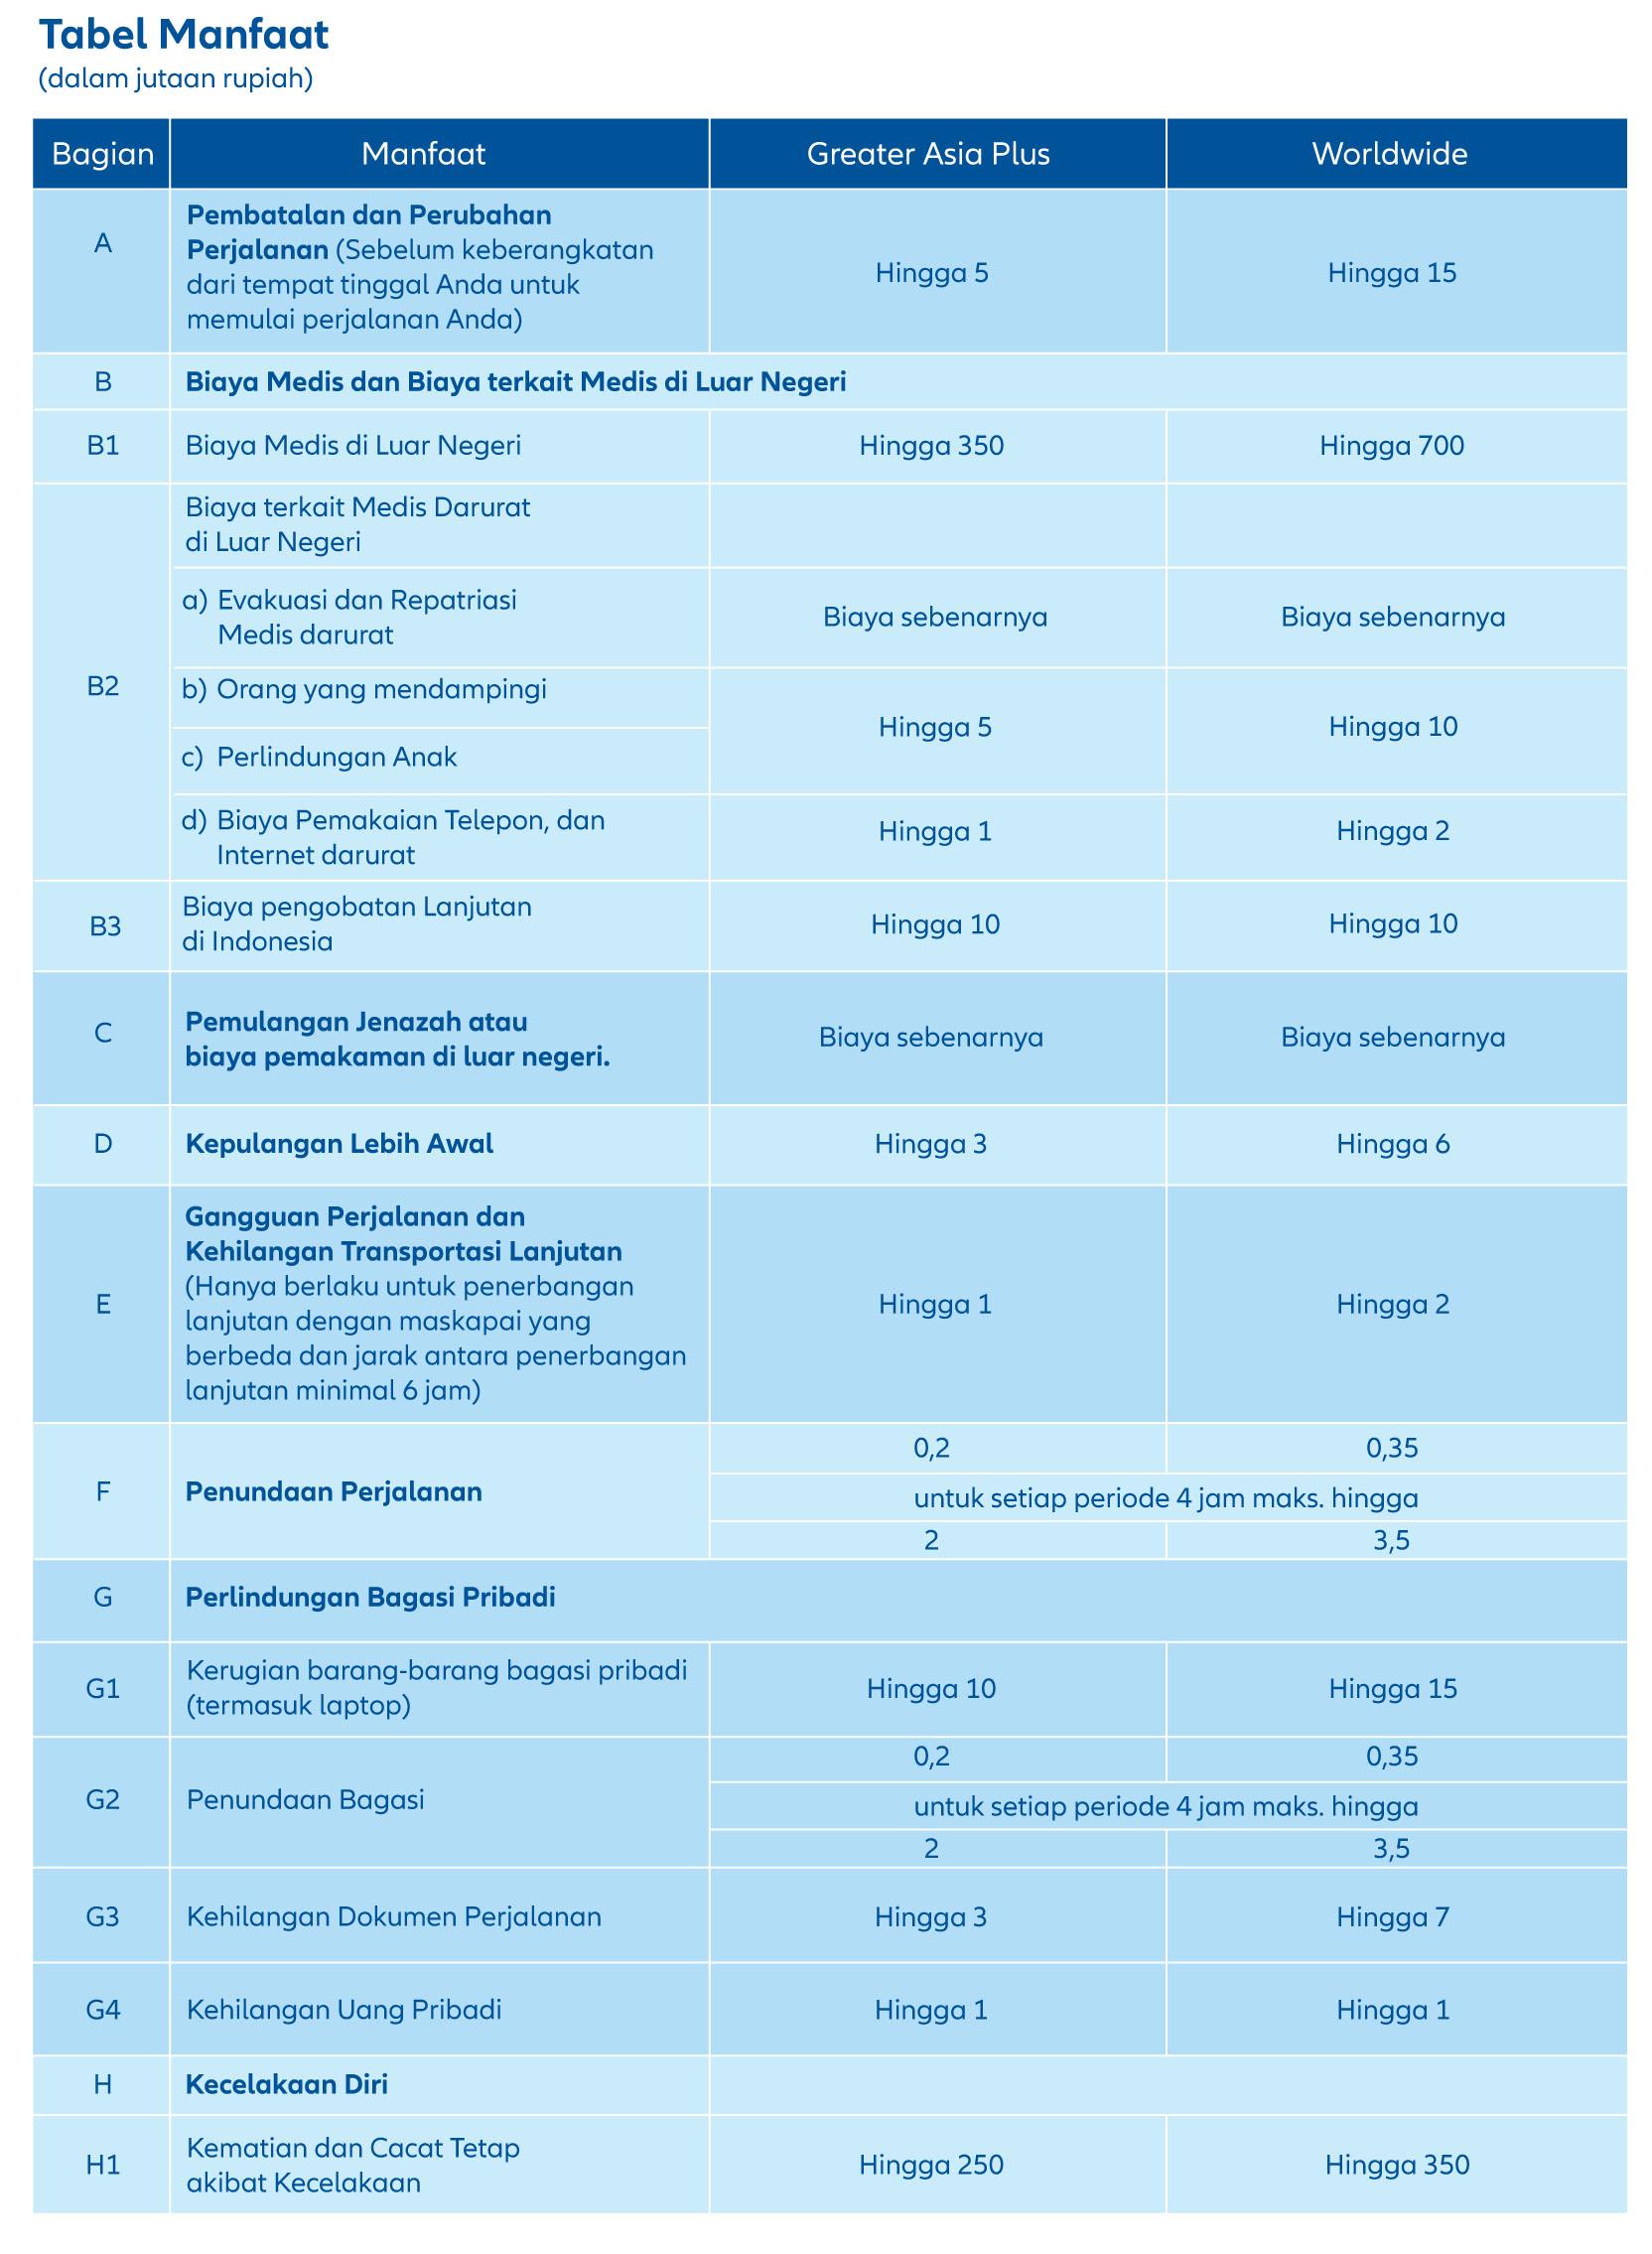 tabel manfaat asuransi perjalanan grup allianz